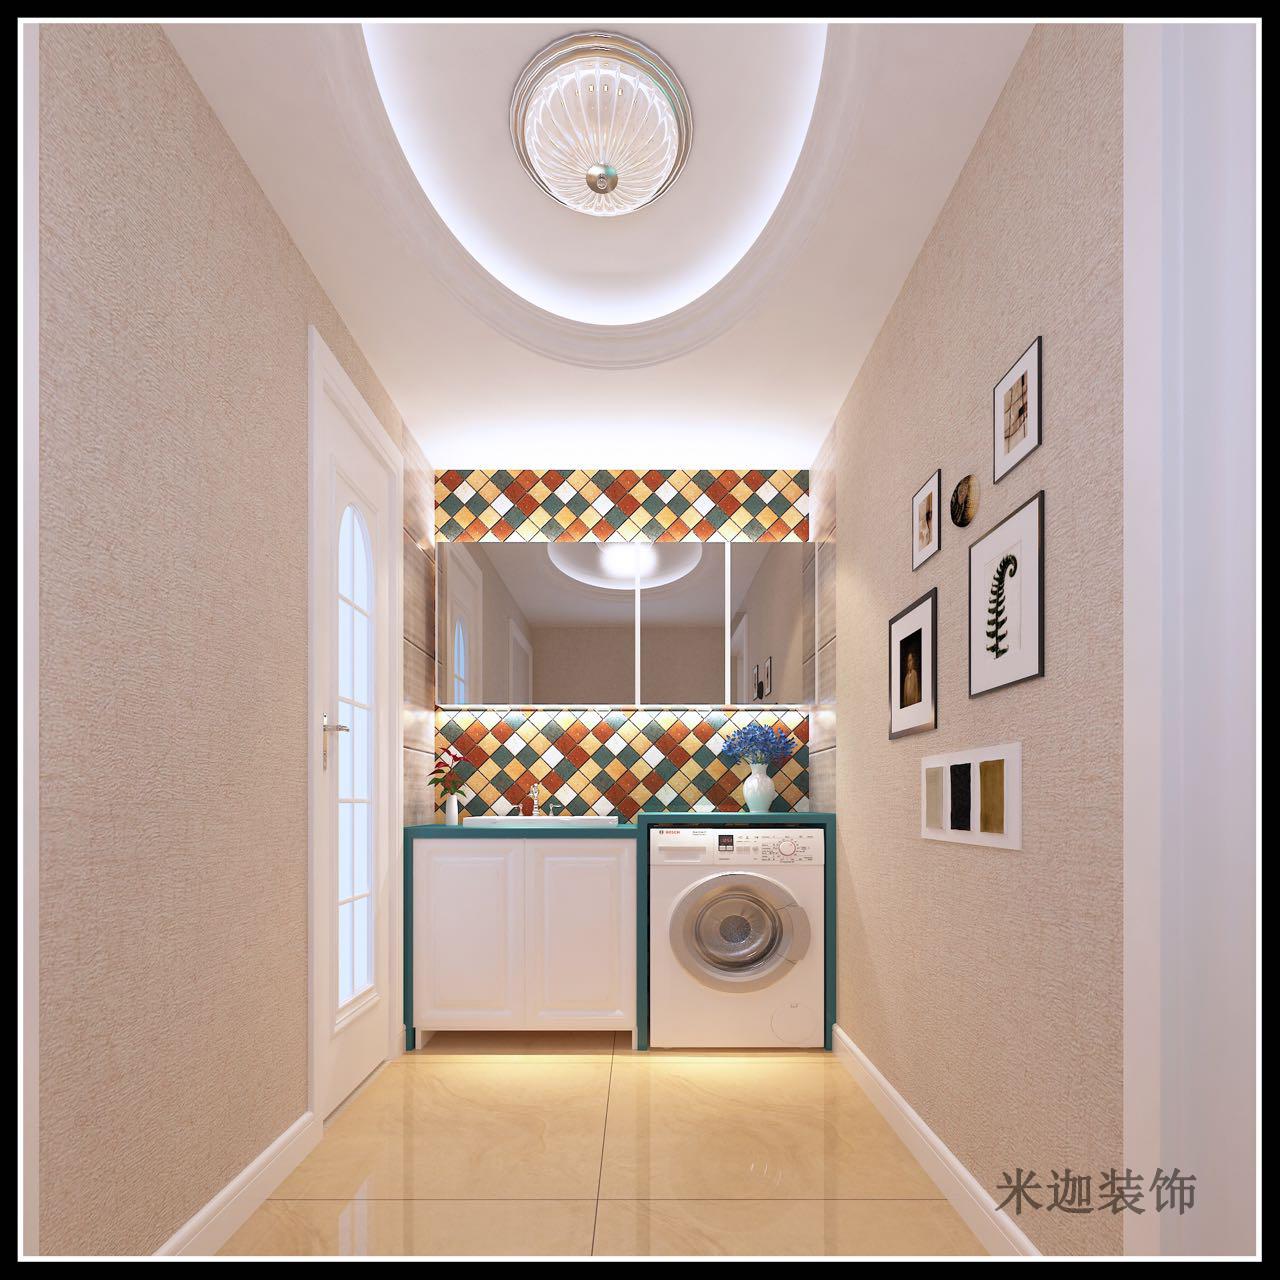 2居室效果图mmexport1492923940056.jpg